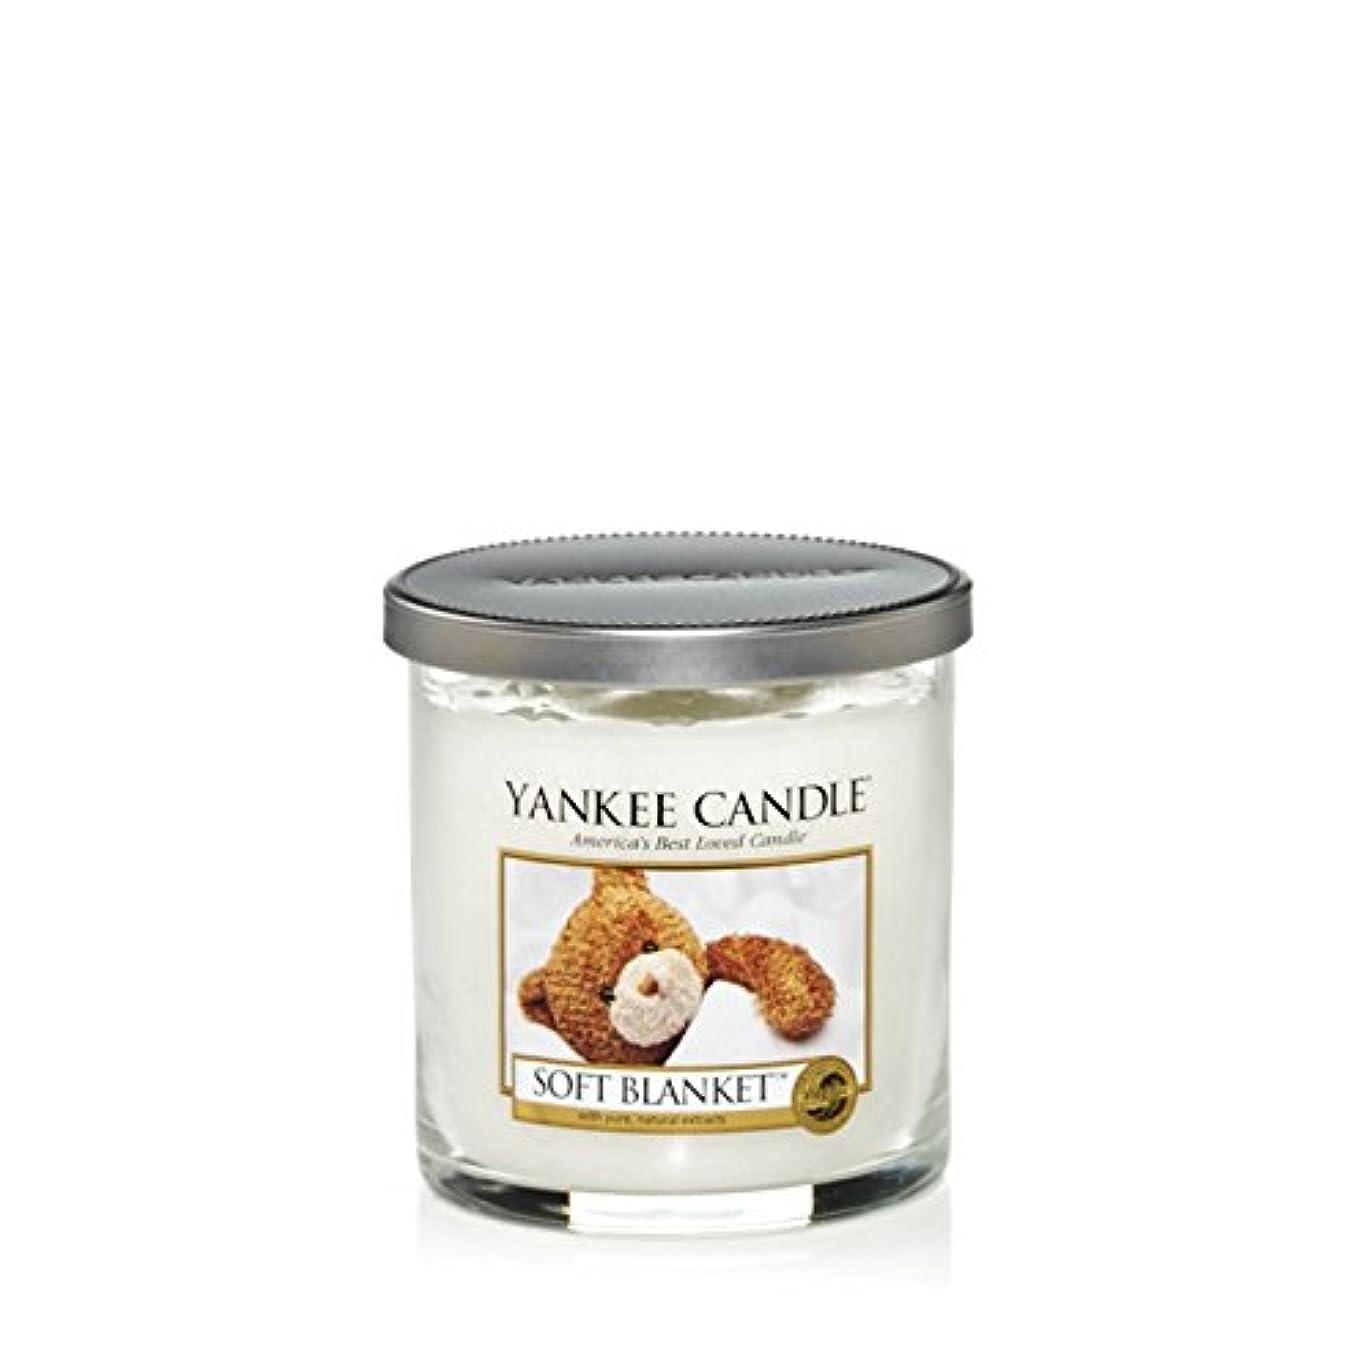 吸収メナジェリー罹患率Yankee Candles Small Pillar Candle - Soft Blanket (Pack of 6) - ヤンキーキャンドルの小さな柱キャンドル - ソフト毛布 (x6) [並行輸入品]